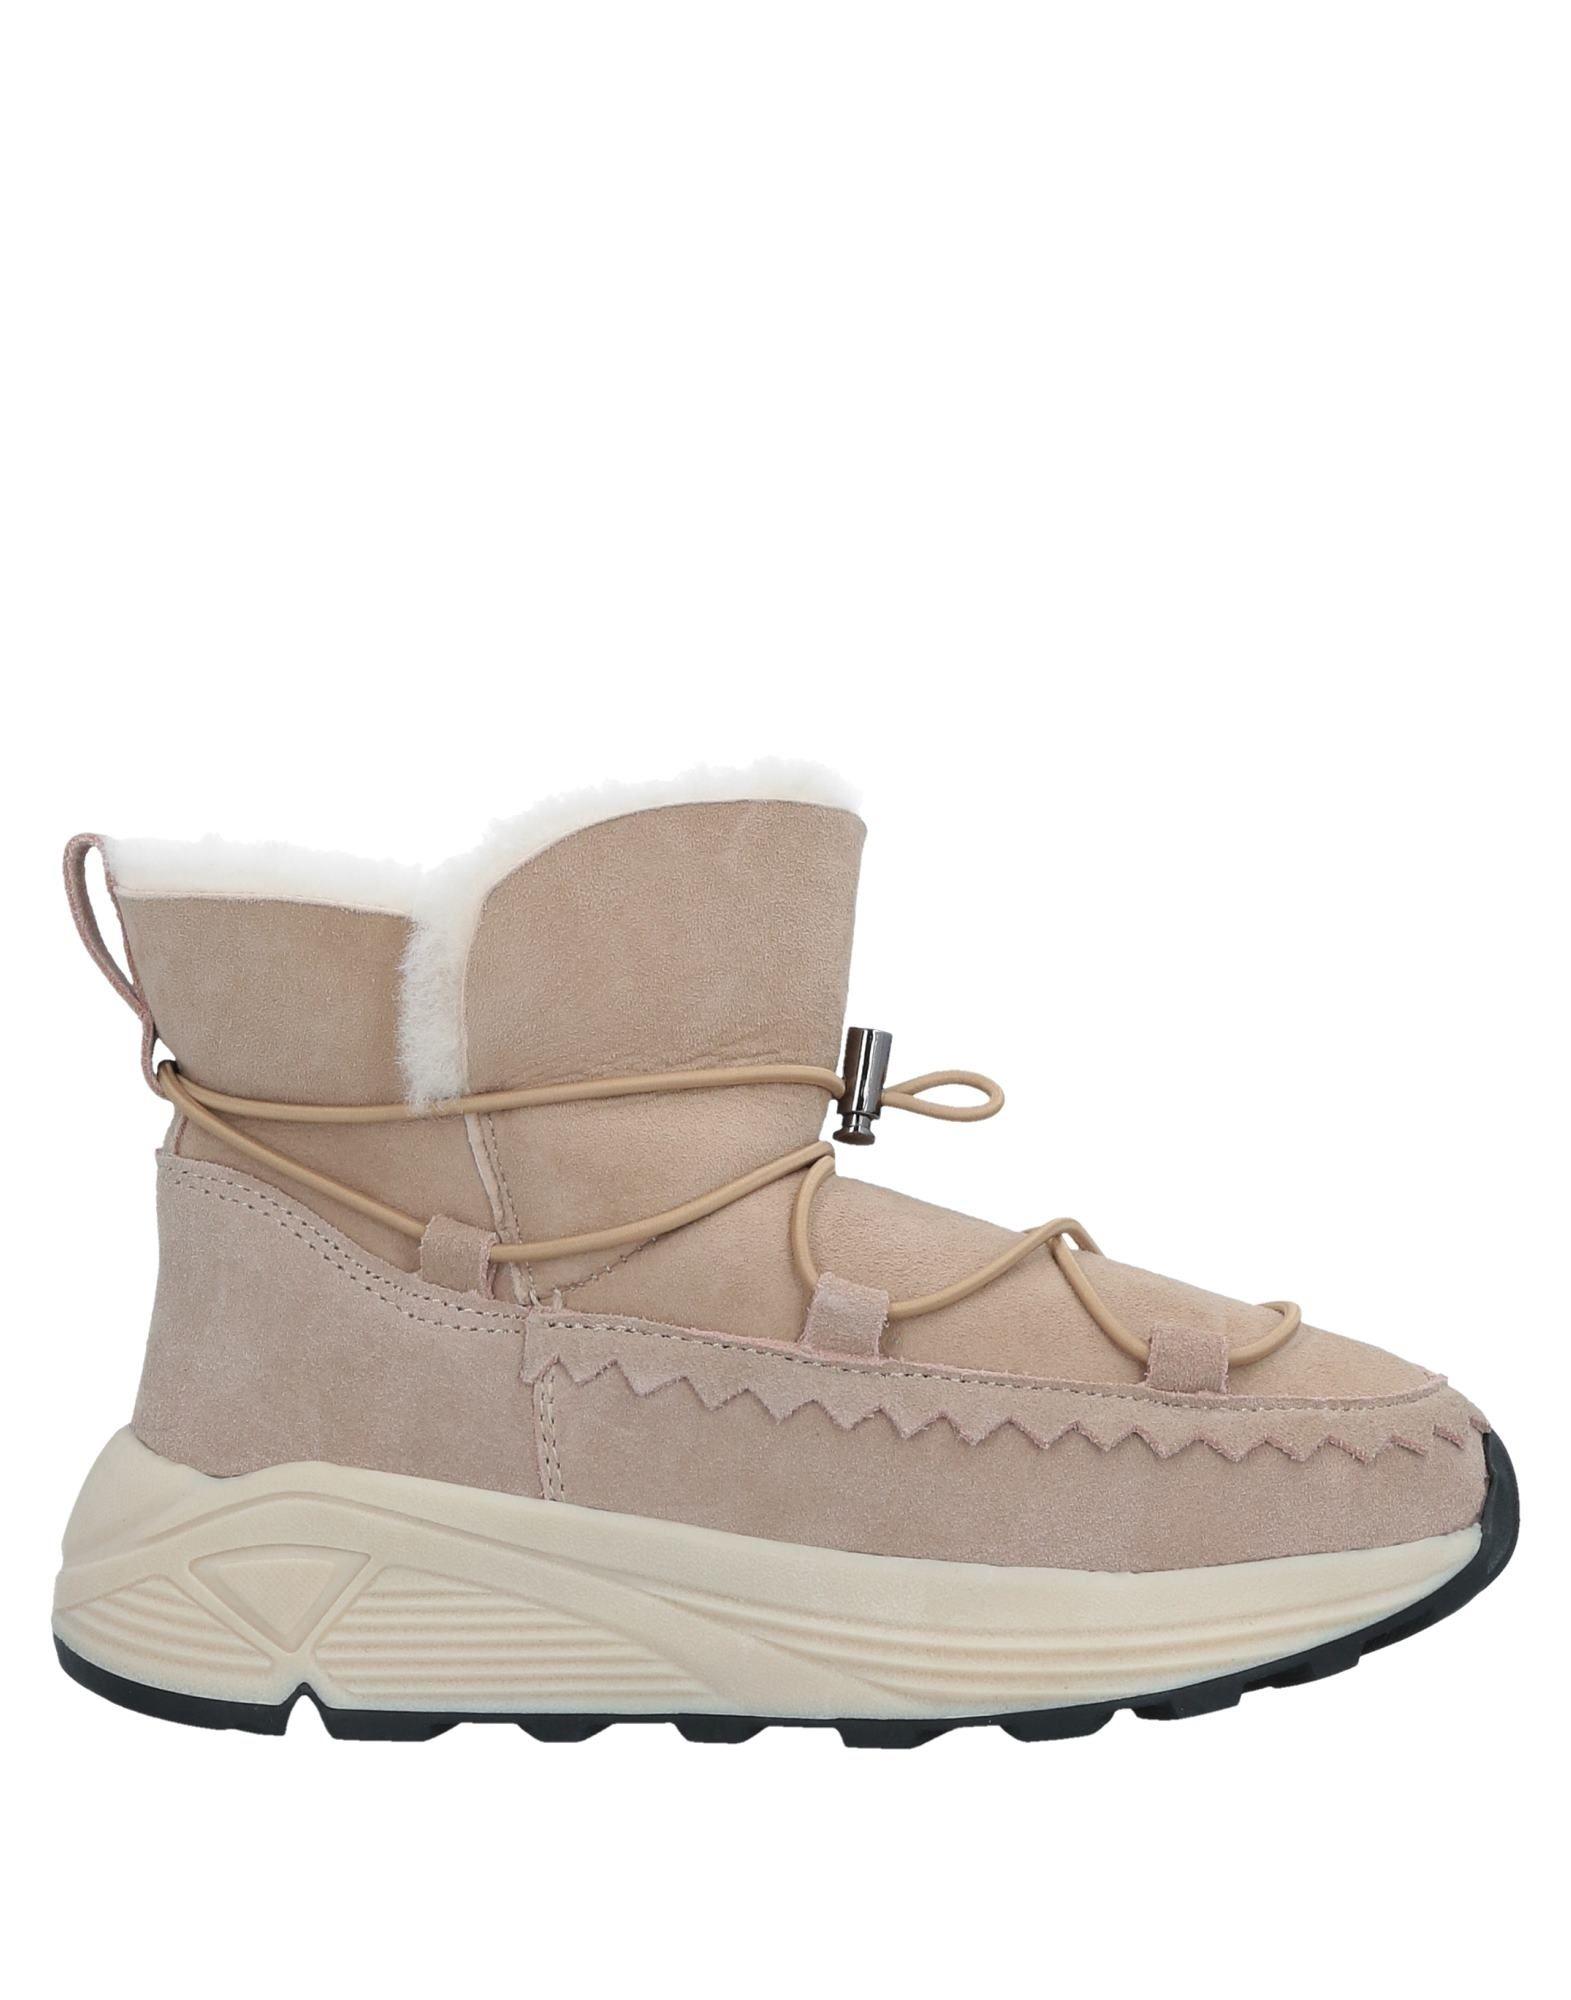 Roberto Della Croce Stiefelette Damen  11526478OV Gute Qualität beliebte Schuhe